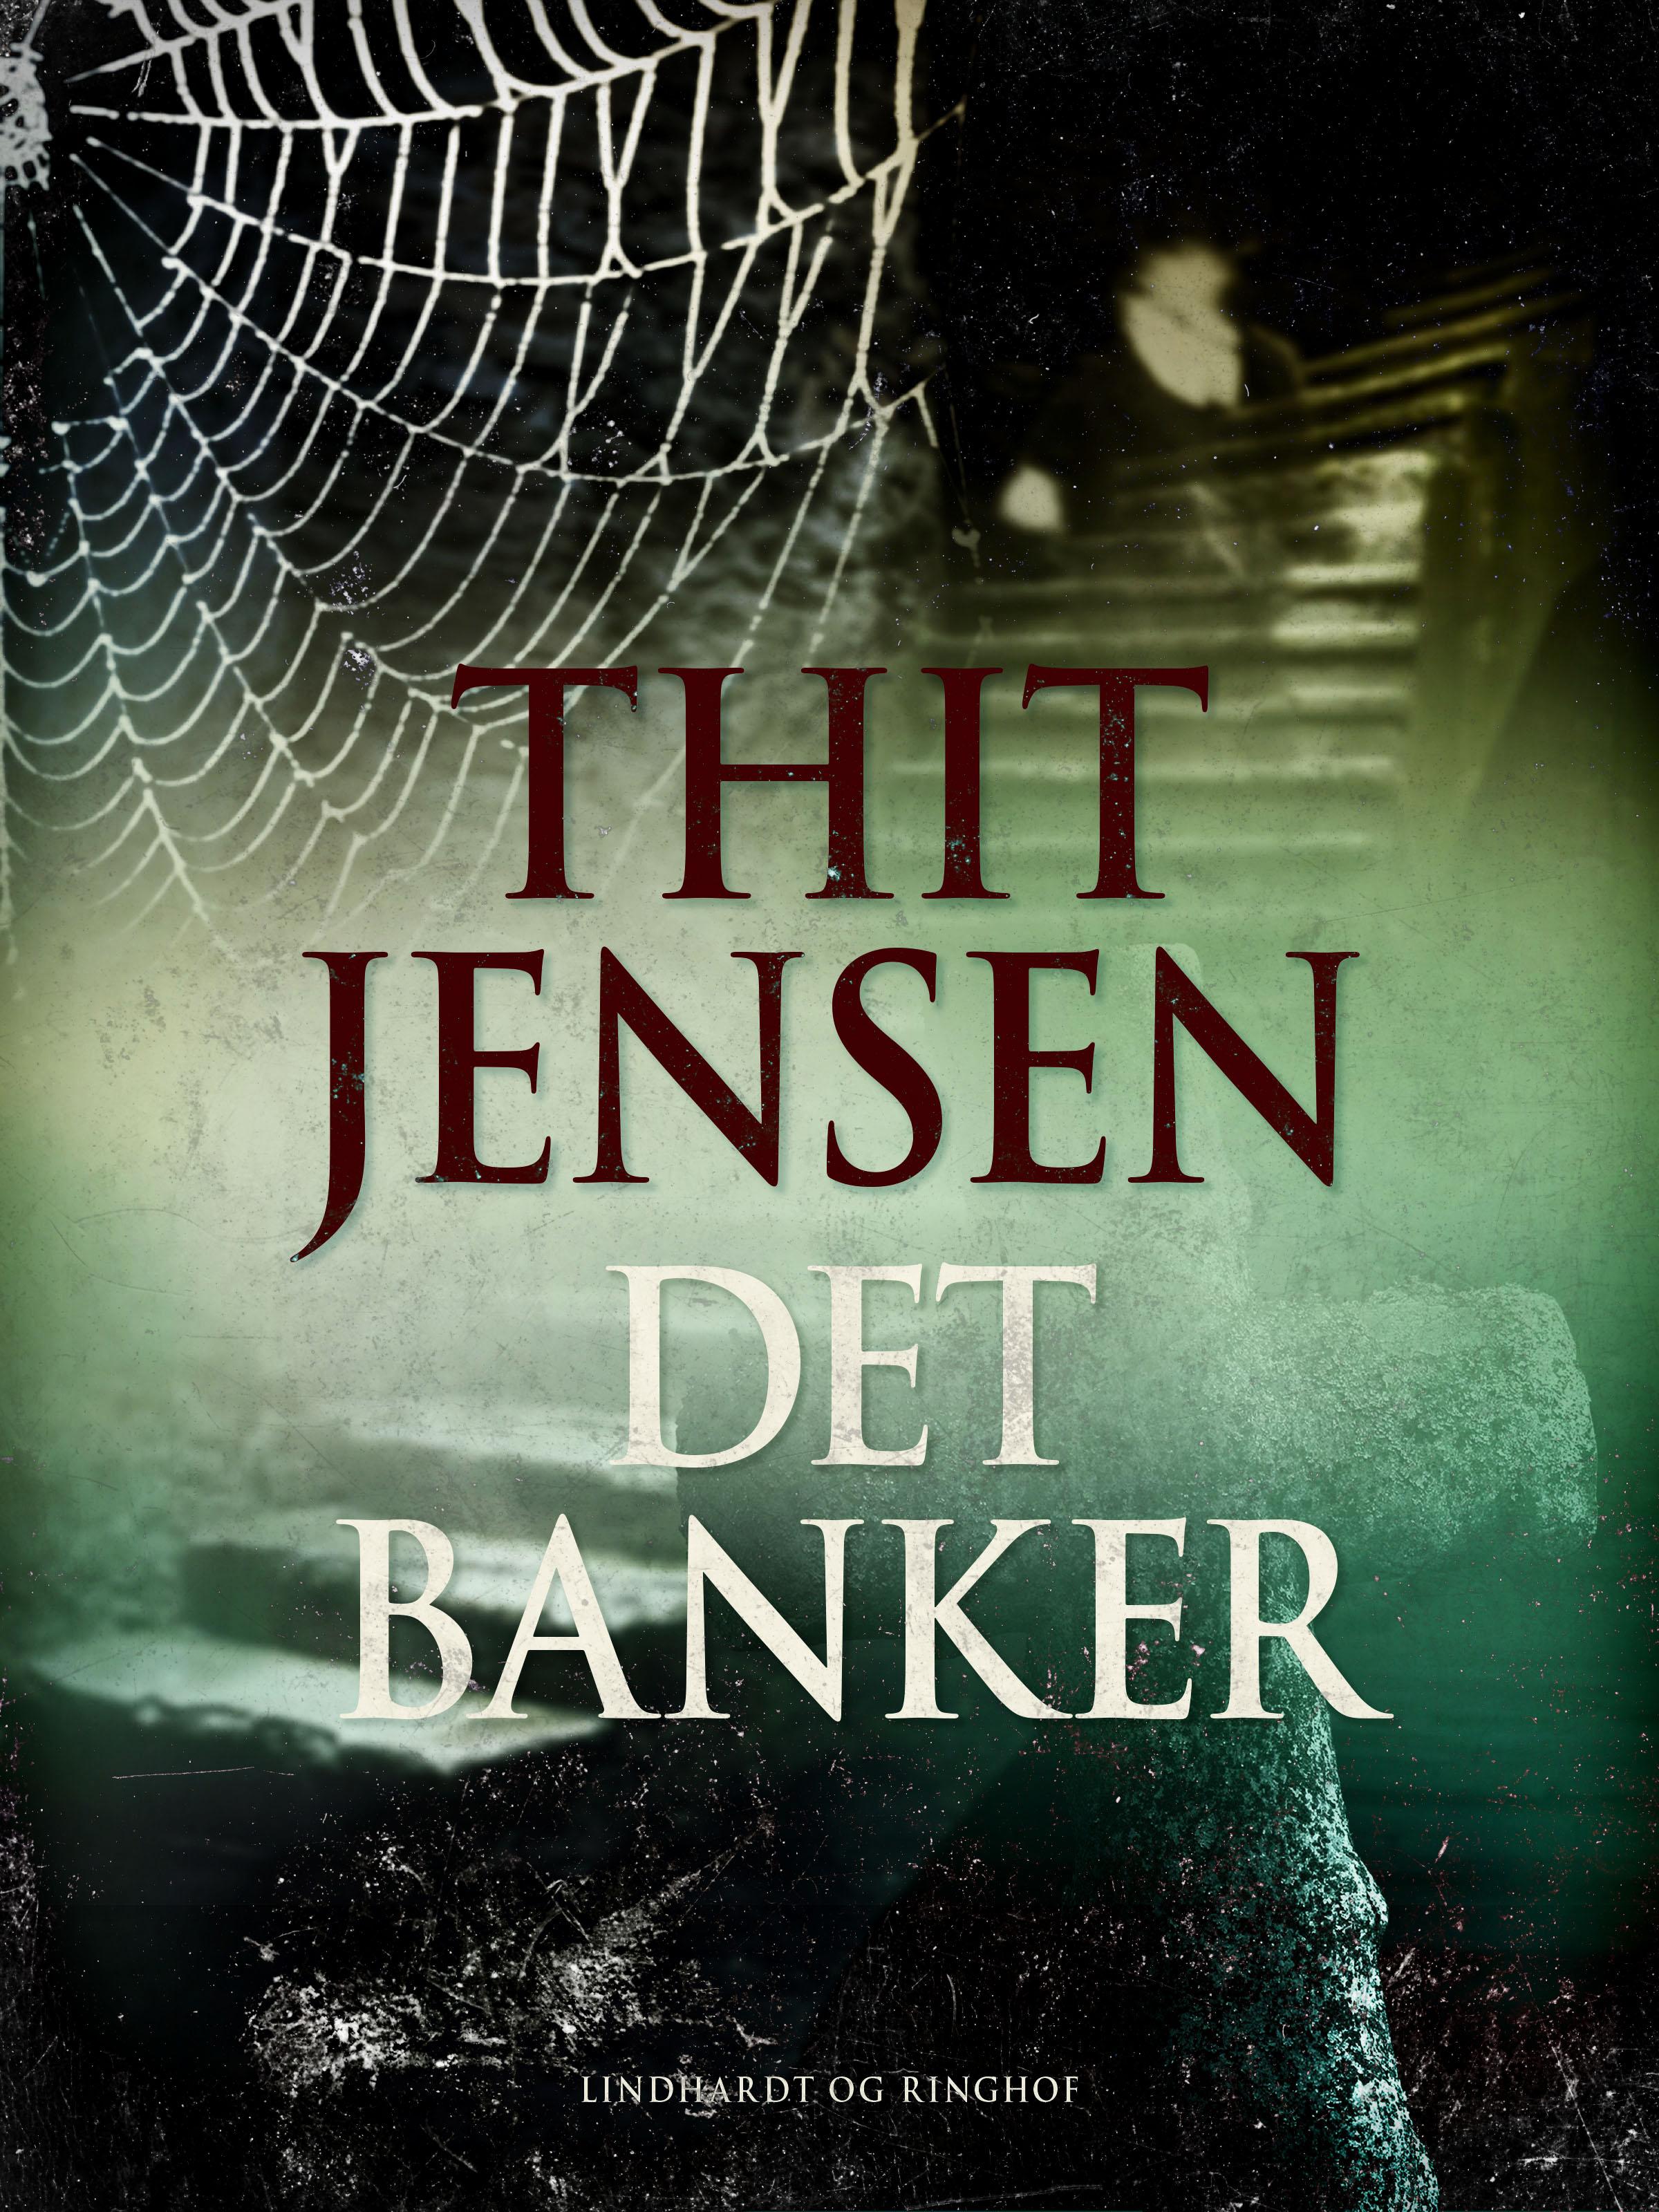 Det banker - e-bog fra N/A på bog & mystik